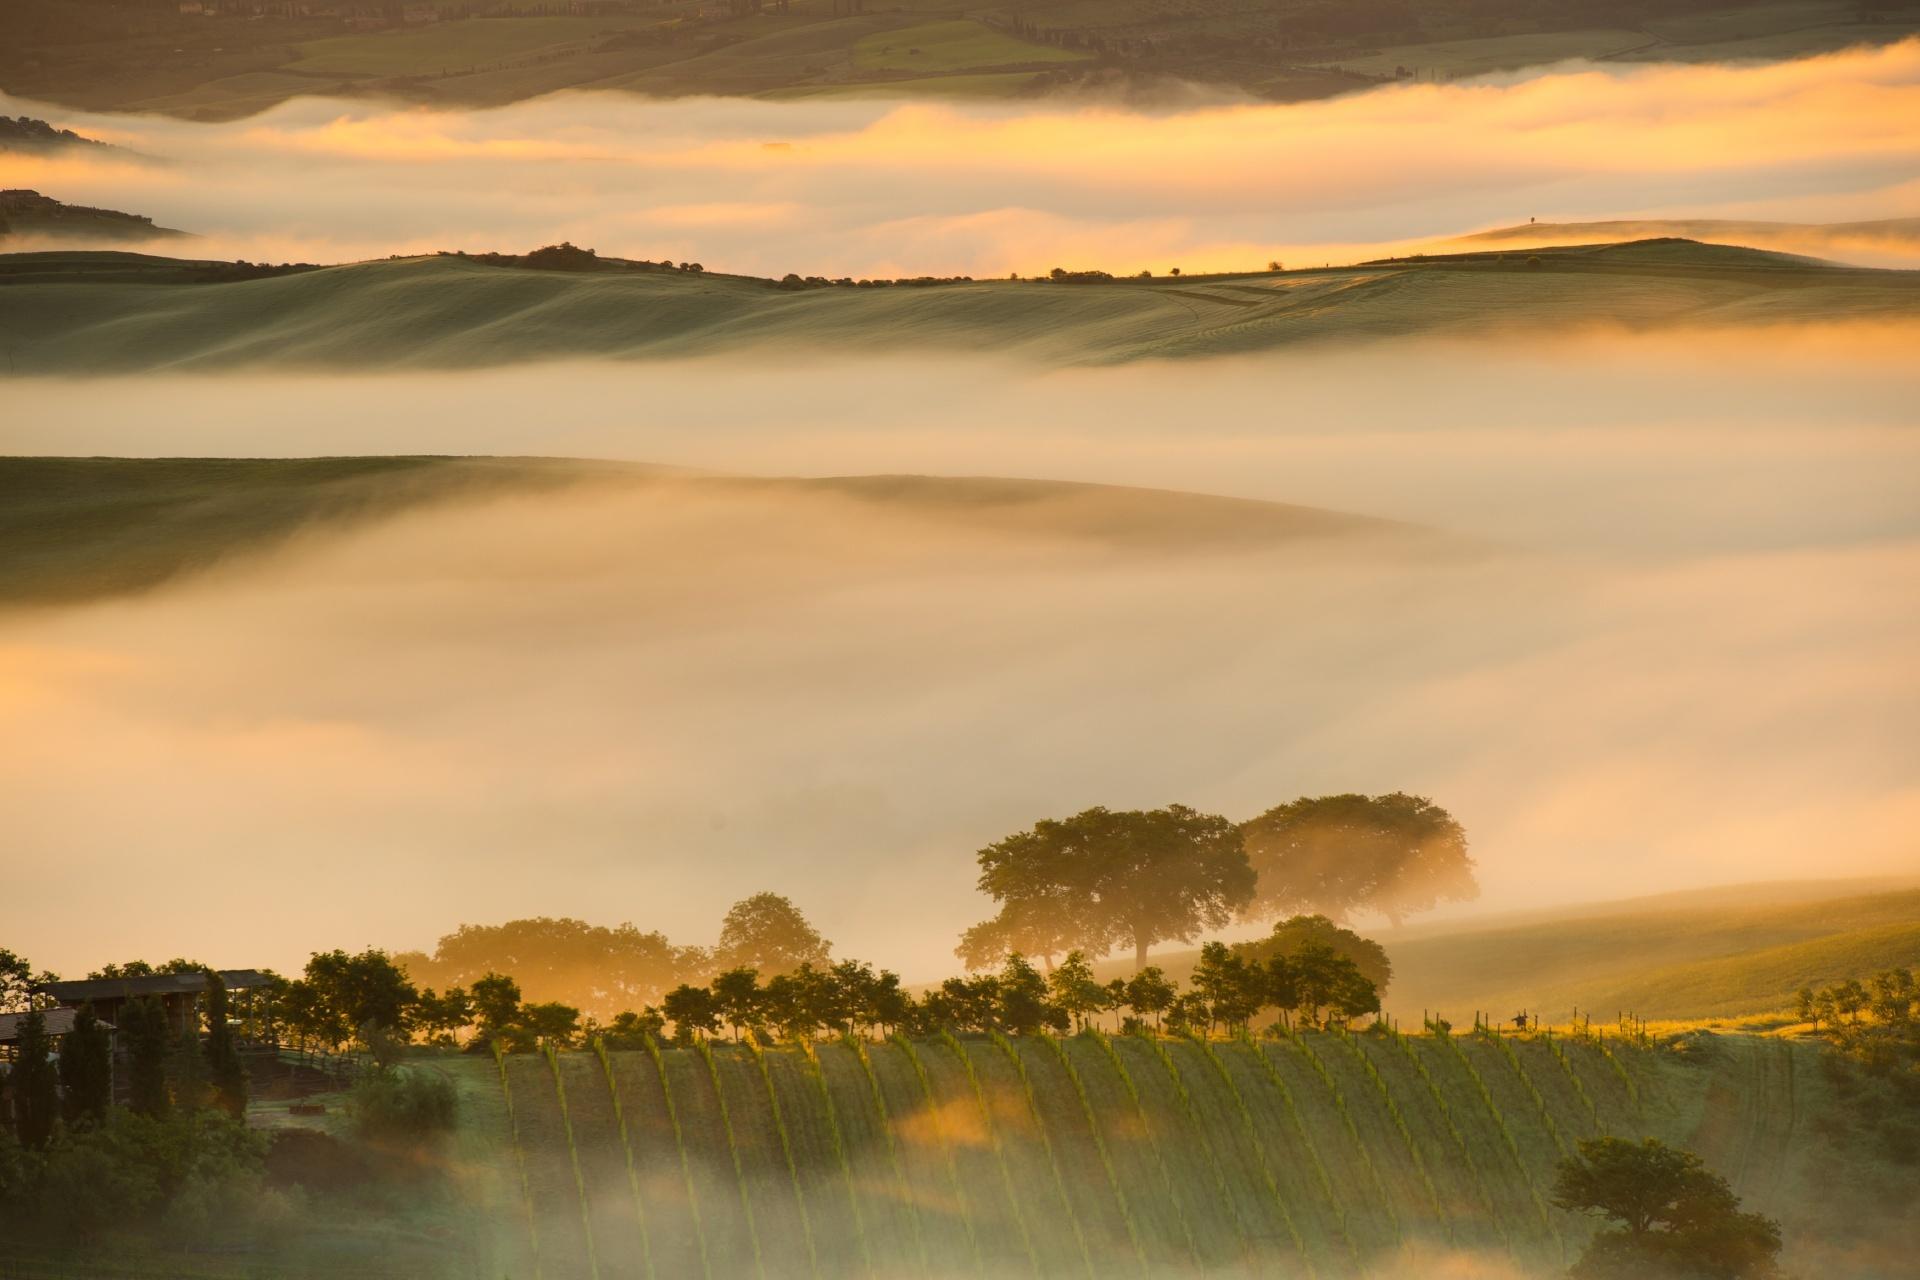 ヴァル・ドルチャの日の出の風景 イタリアの風景